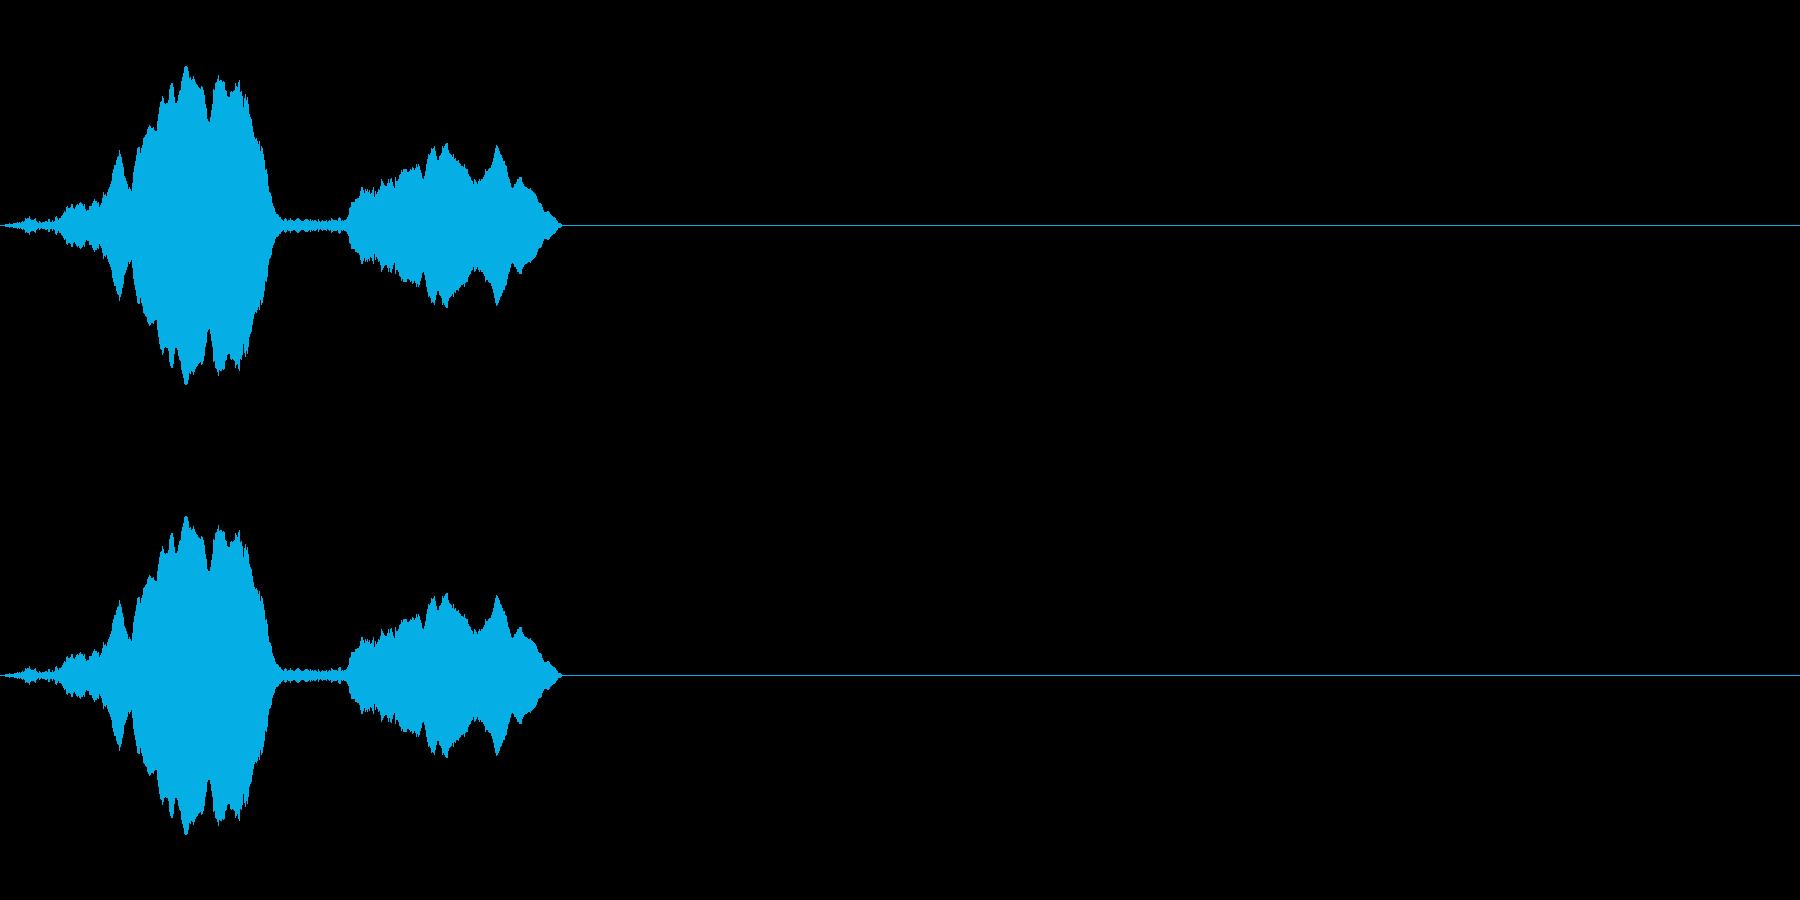 トーンホイッスルエアリーダブルフォールwの再生済みの波形